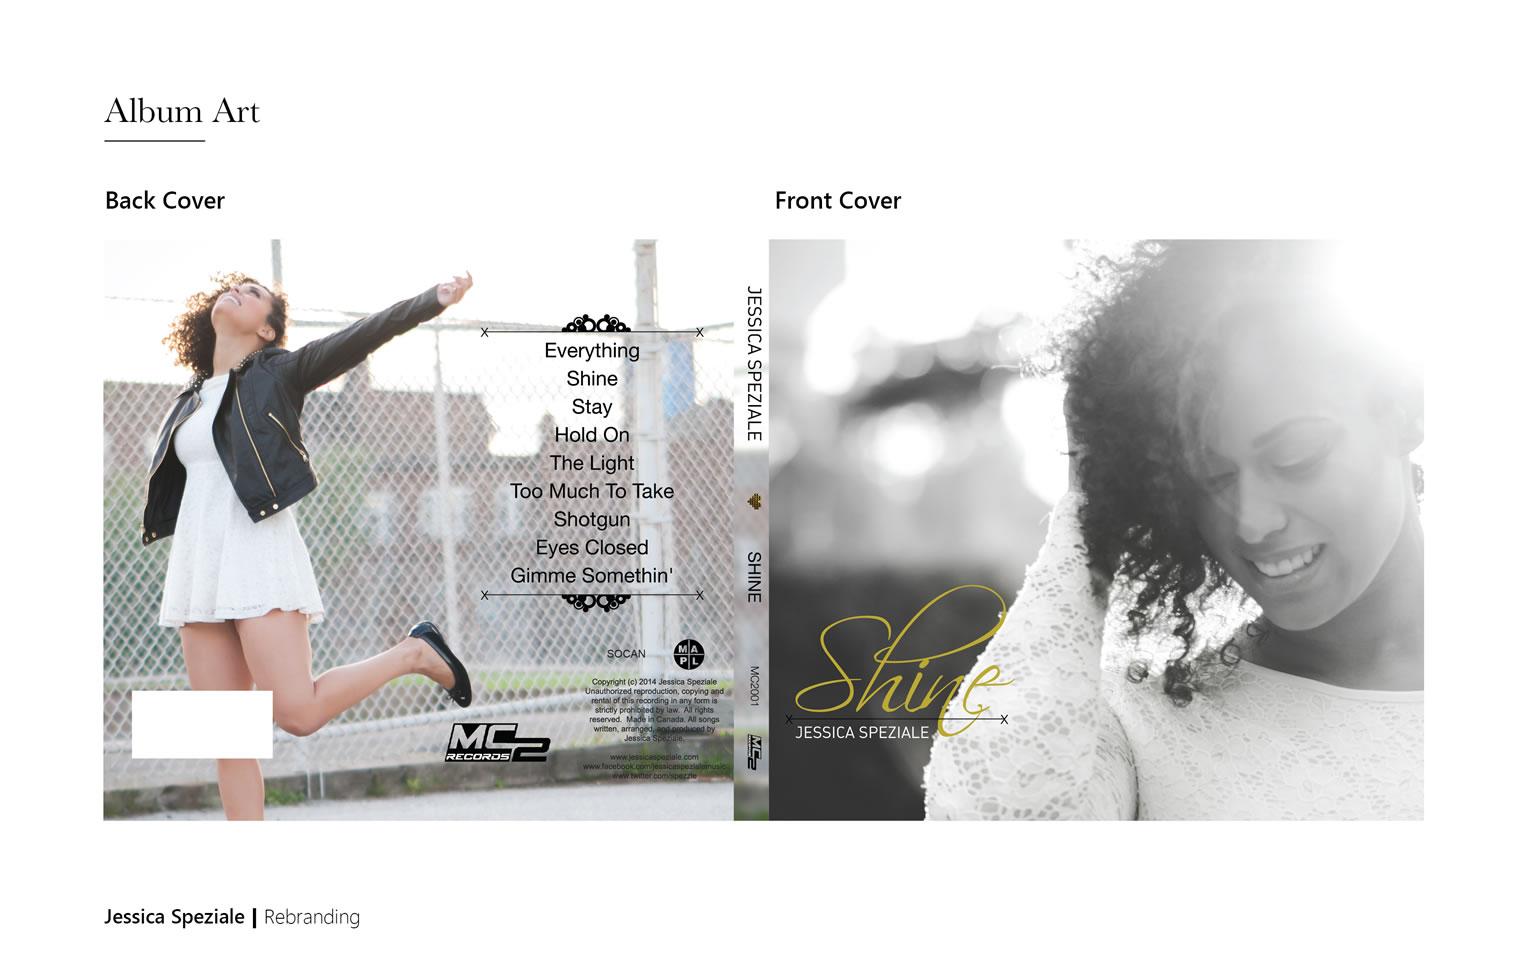 Josh-Skinner-Graphic-Designer-UX-Designer-Portfolio20